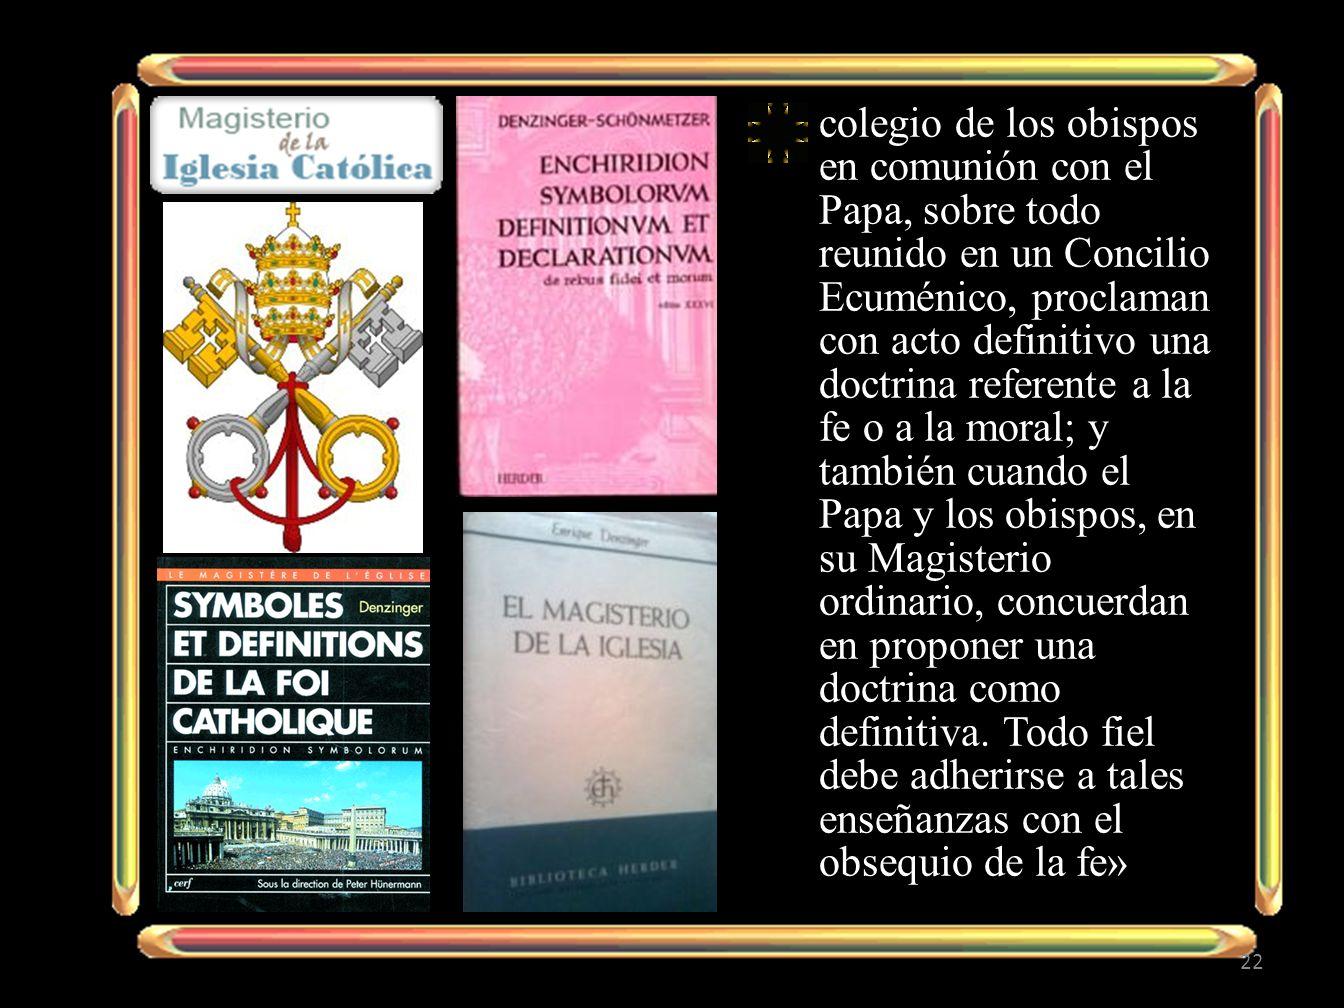 colegio de los obispos en comunión con el Papa, sobre todo reunido en un Concilio Ecuménico, proclaman con acto definitivo una doctrina referente a la fe o a la moral; y también cuando el Papa y los obispos, en su Magisterio ordinario, concuerdan en proponer una doctrina como definitiva.